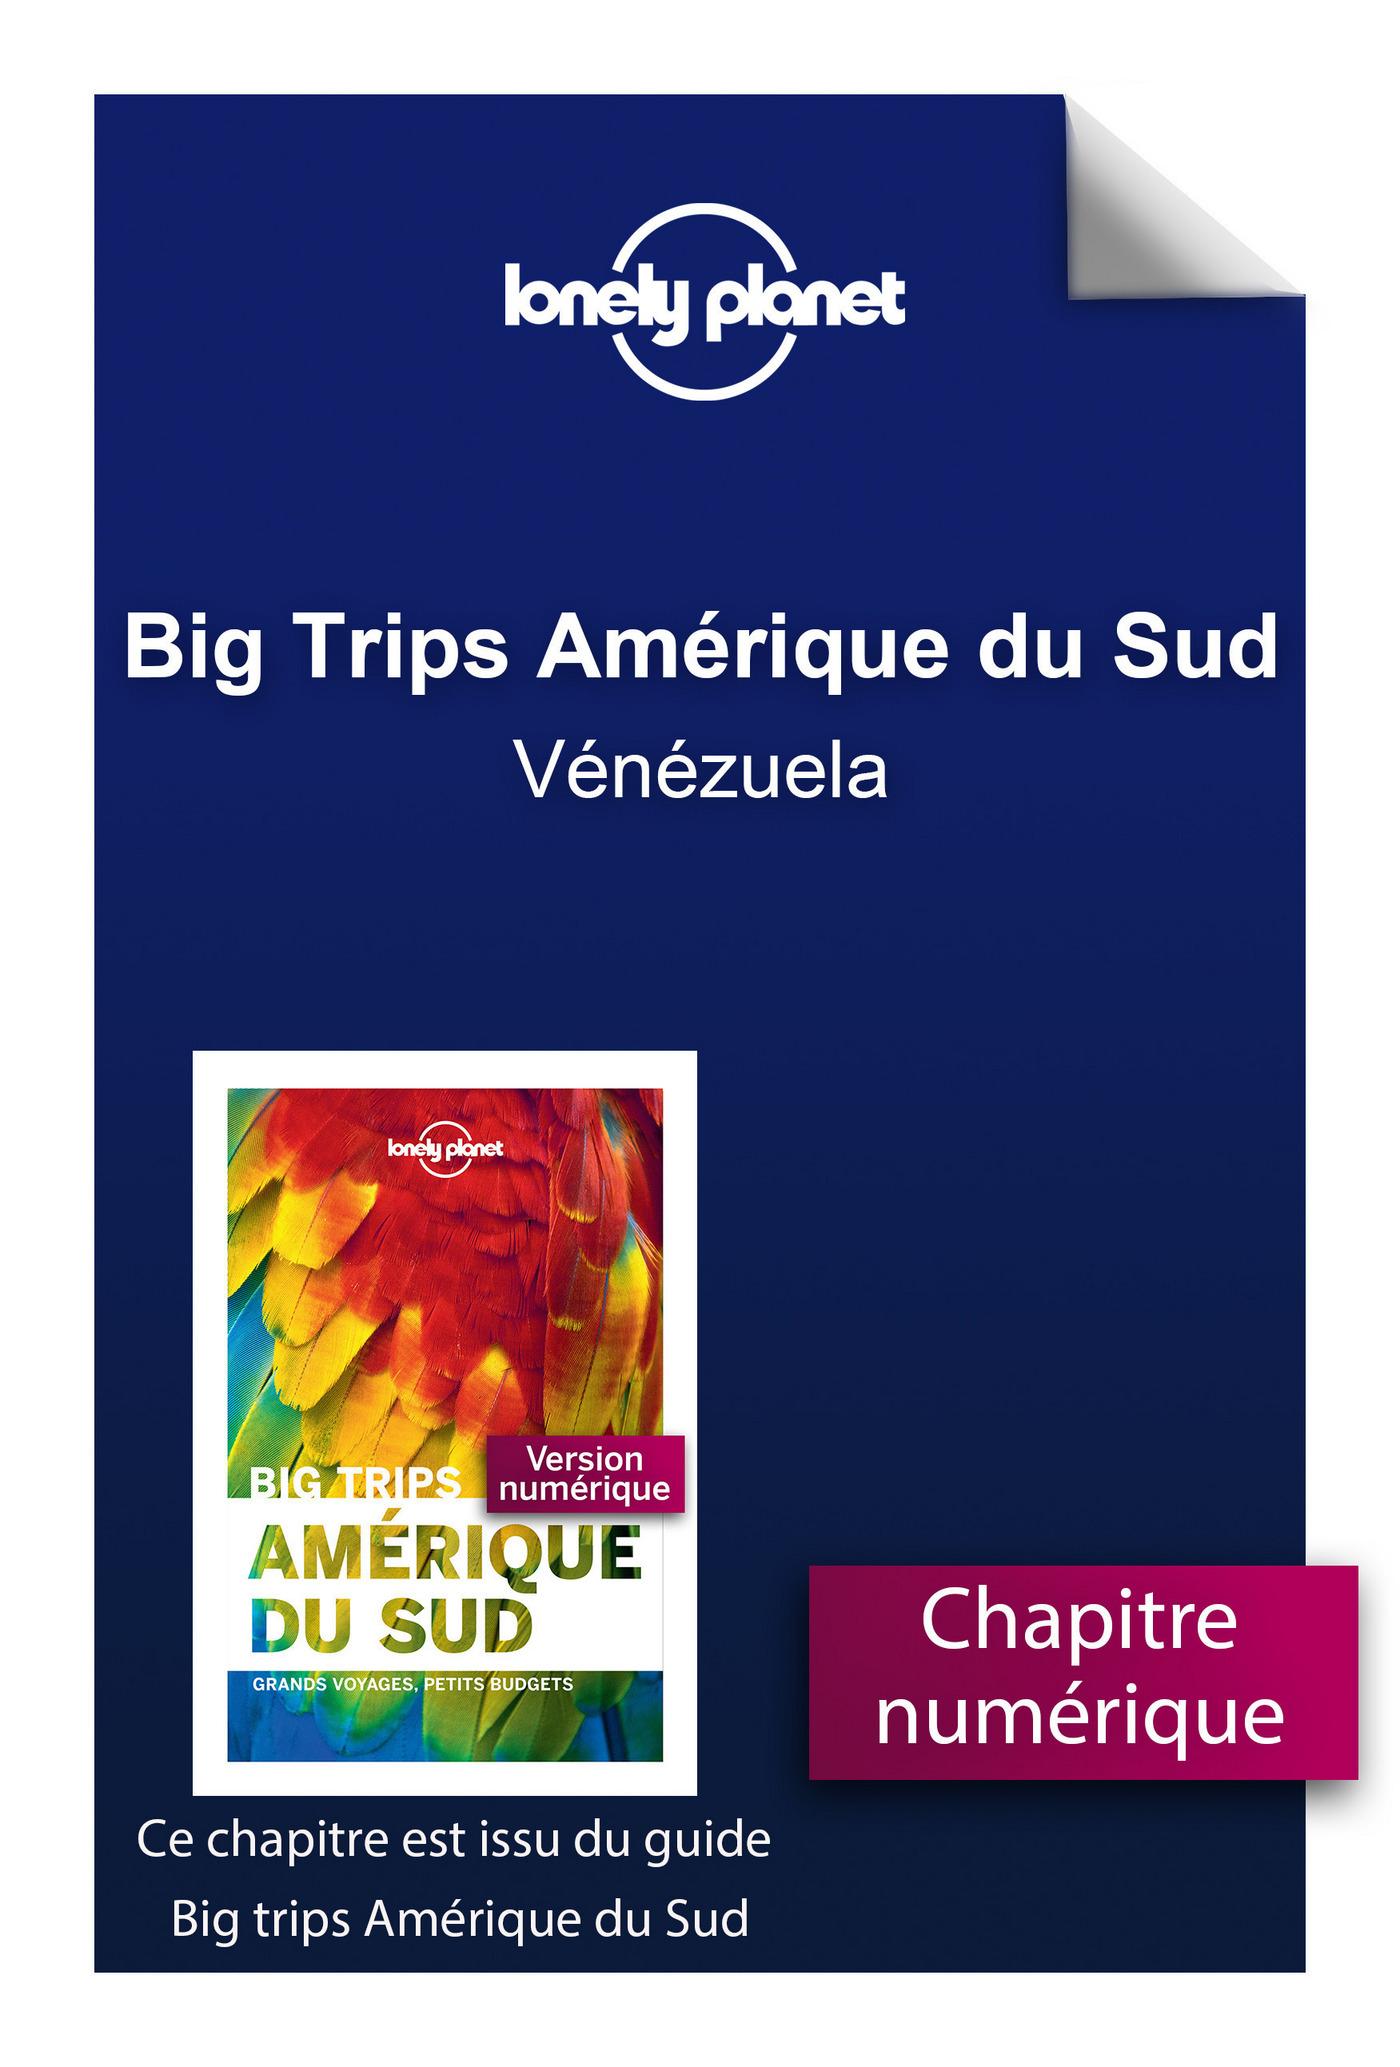 Big Trips Amérique du Sud - Vénézuela